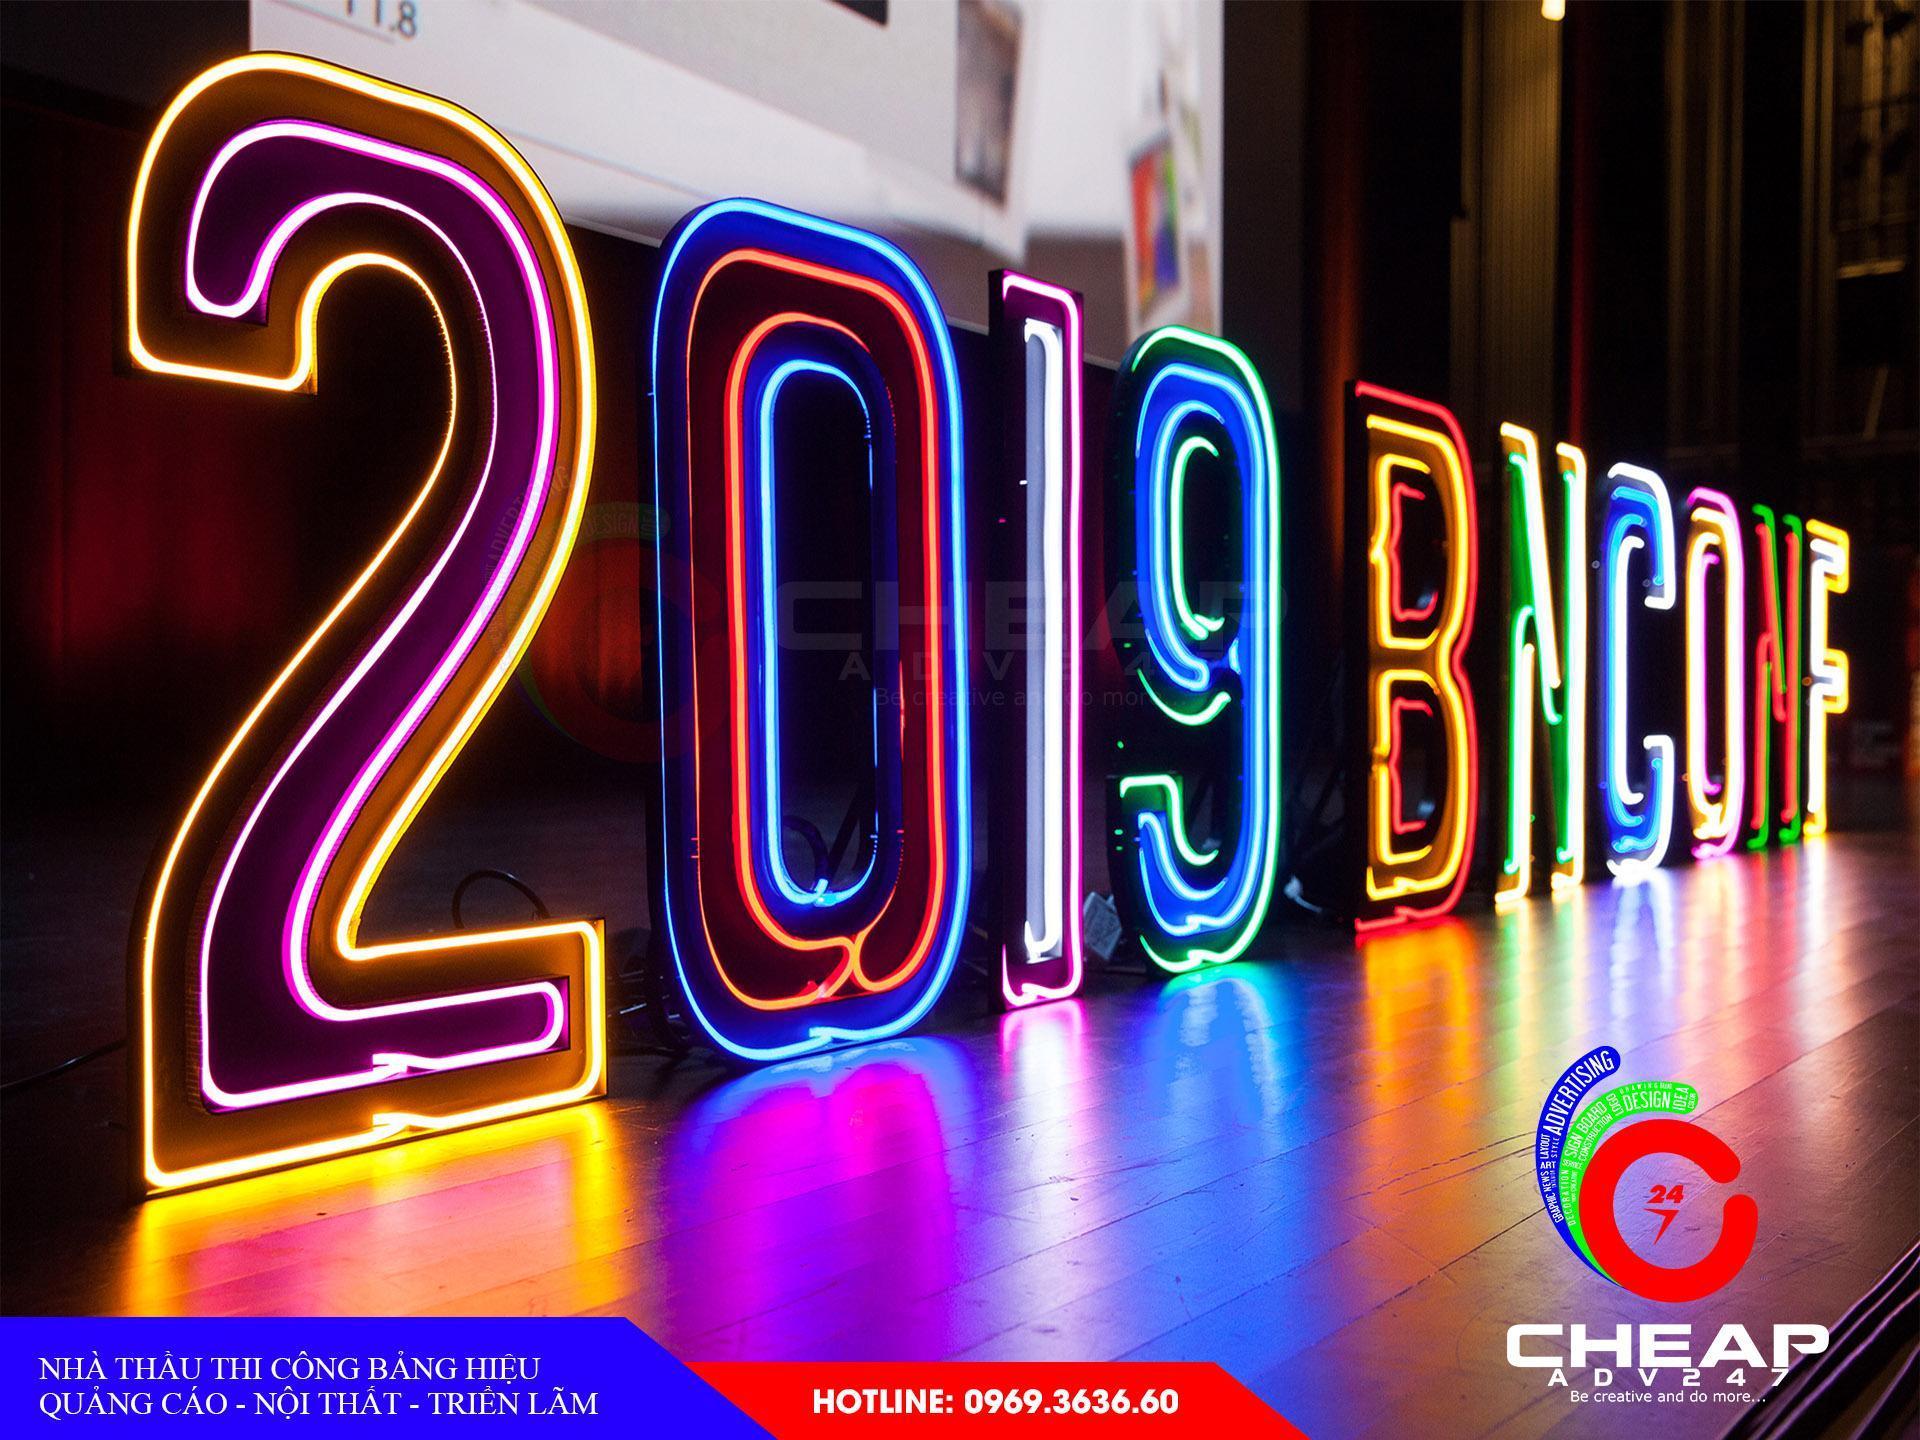 Làm bảng hiệu neon sign tại cheapadv247 - ảnh 1